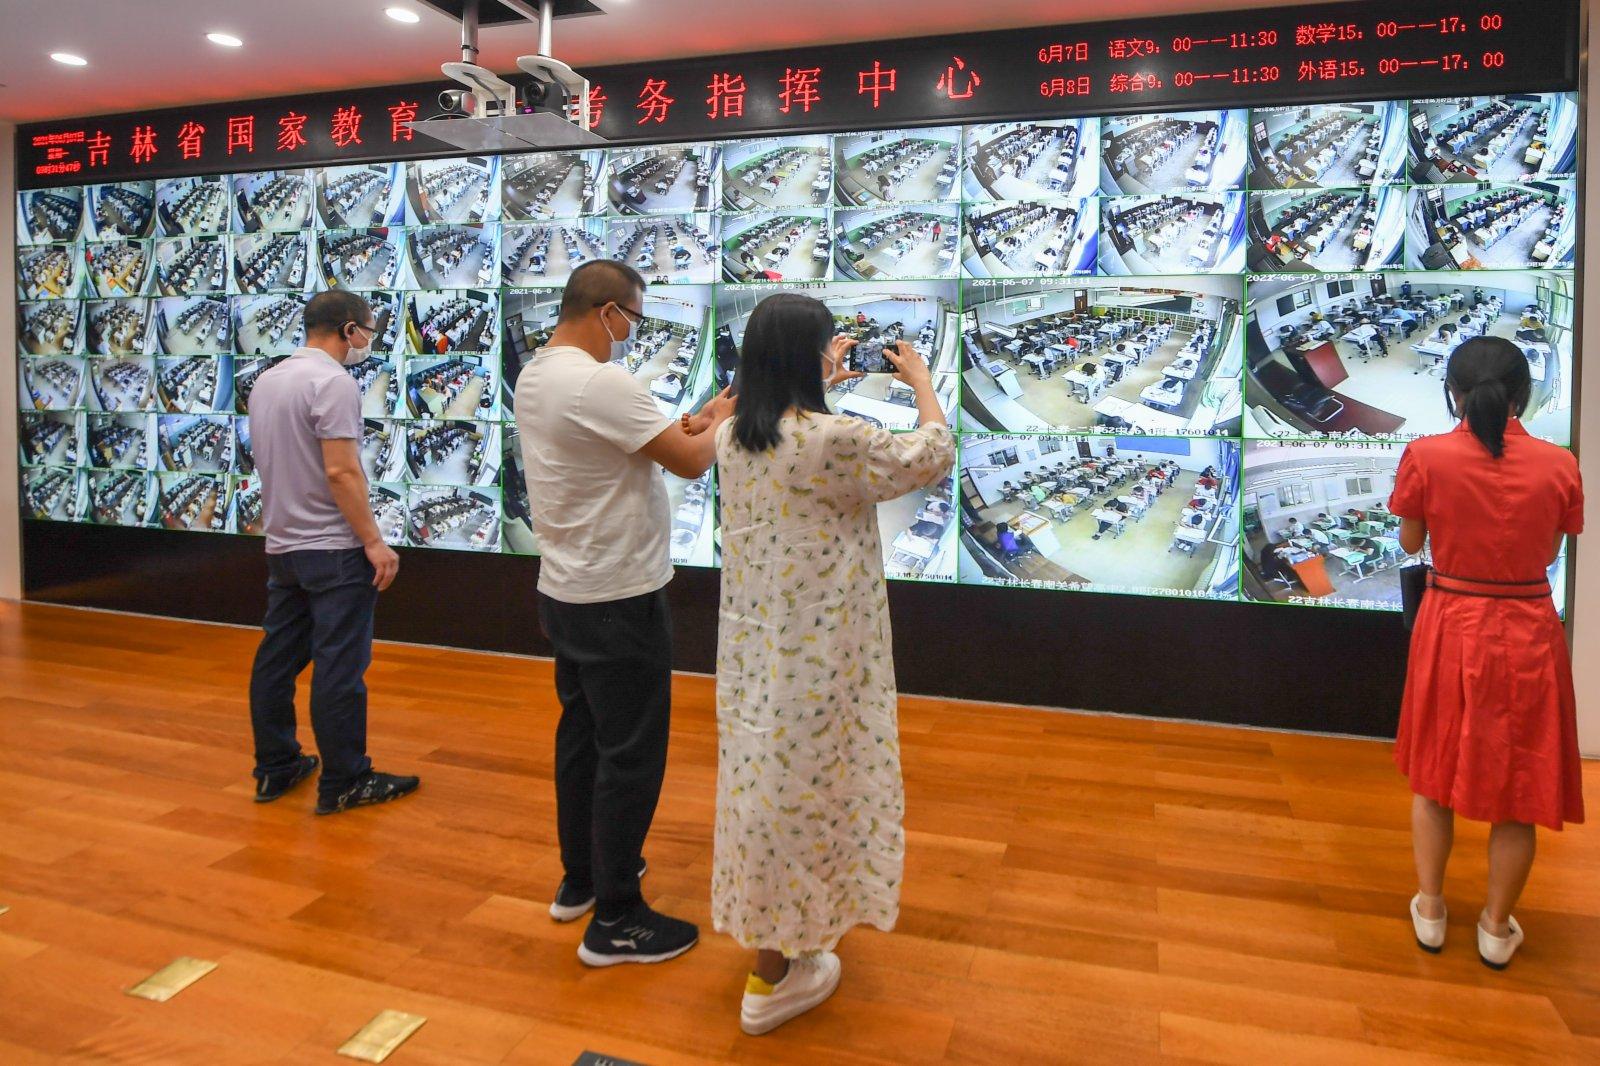 6月7日,在吉林省國家教育考試考務指揮中心,考生家長拍攝監控畫面。新華社